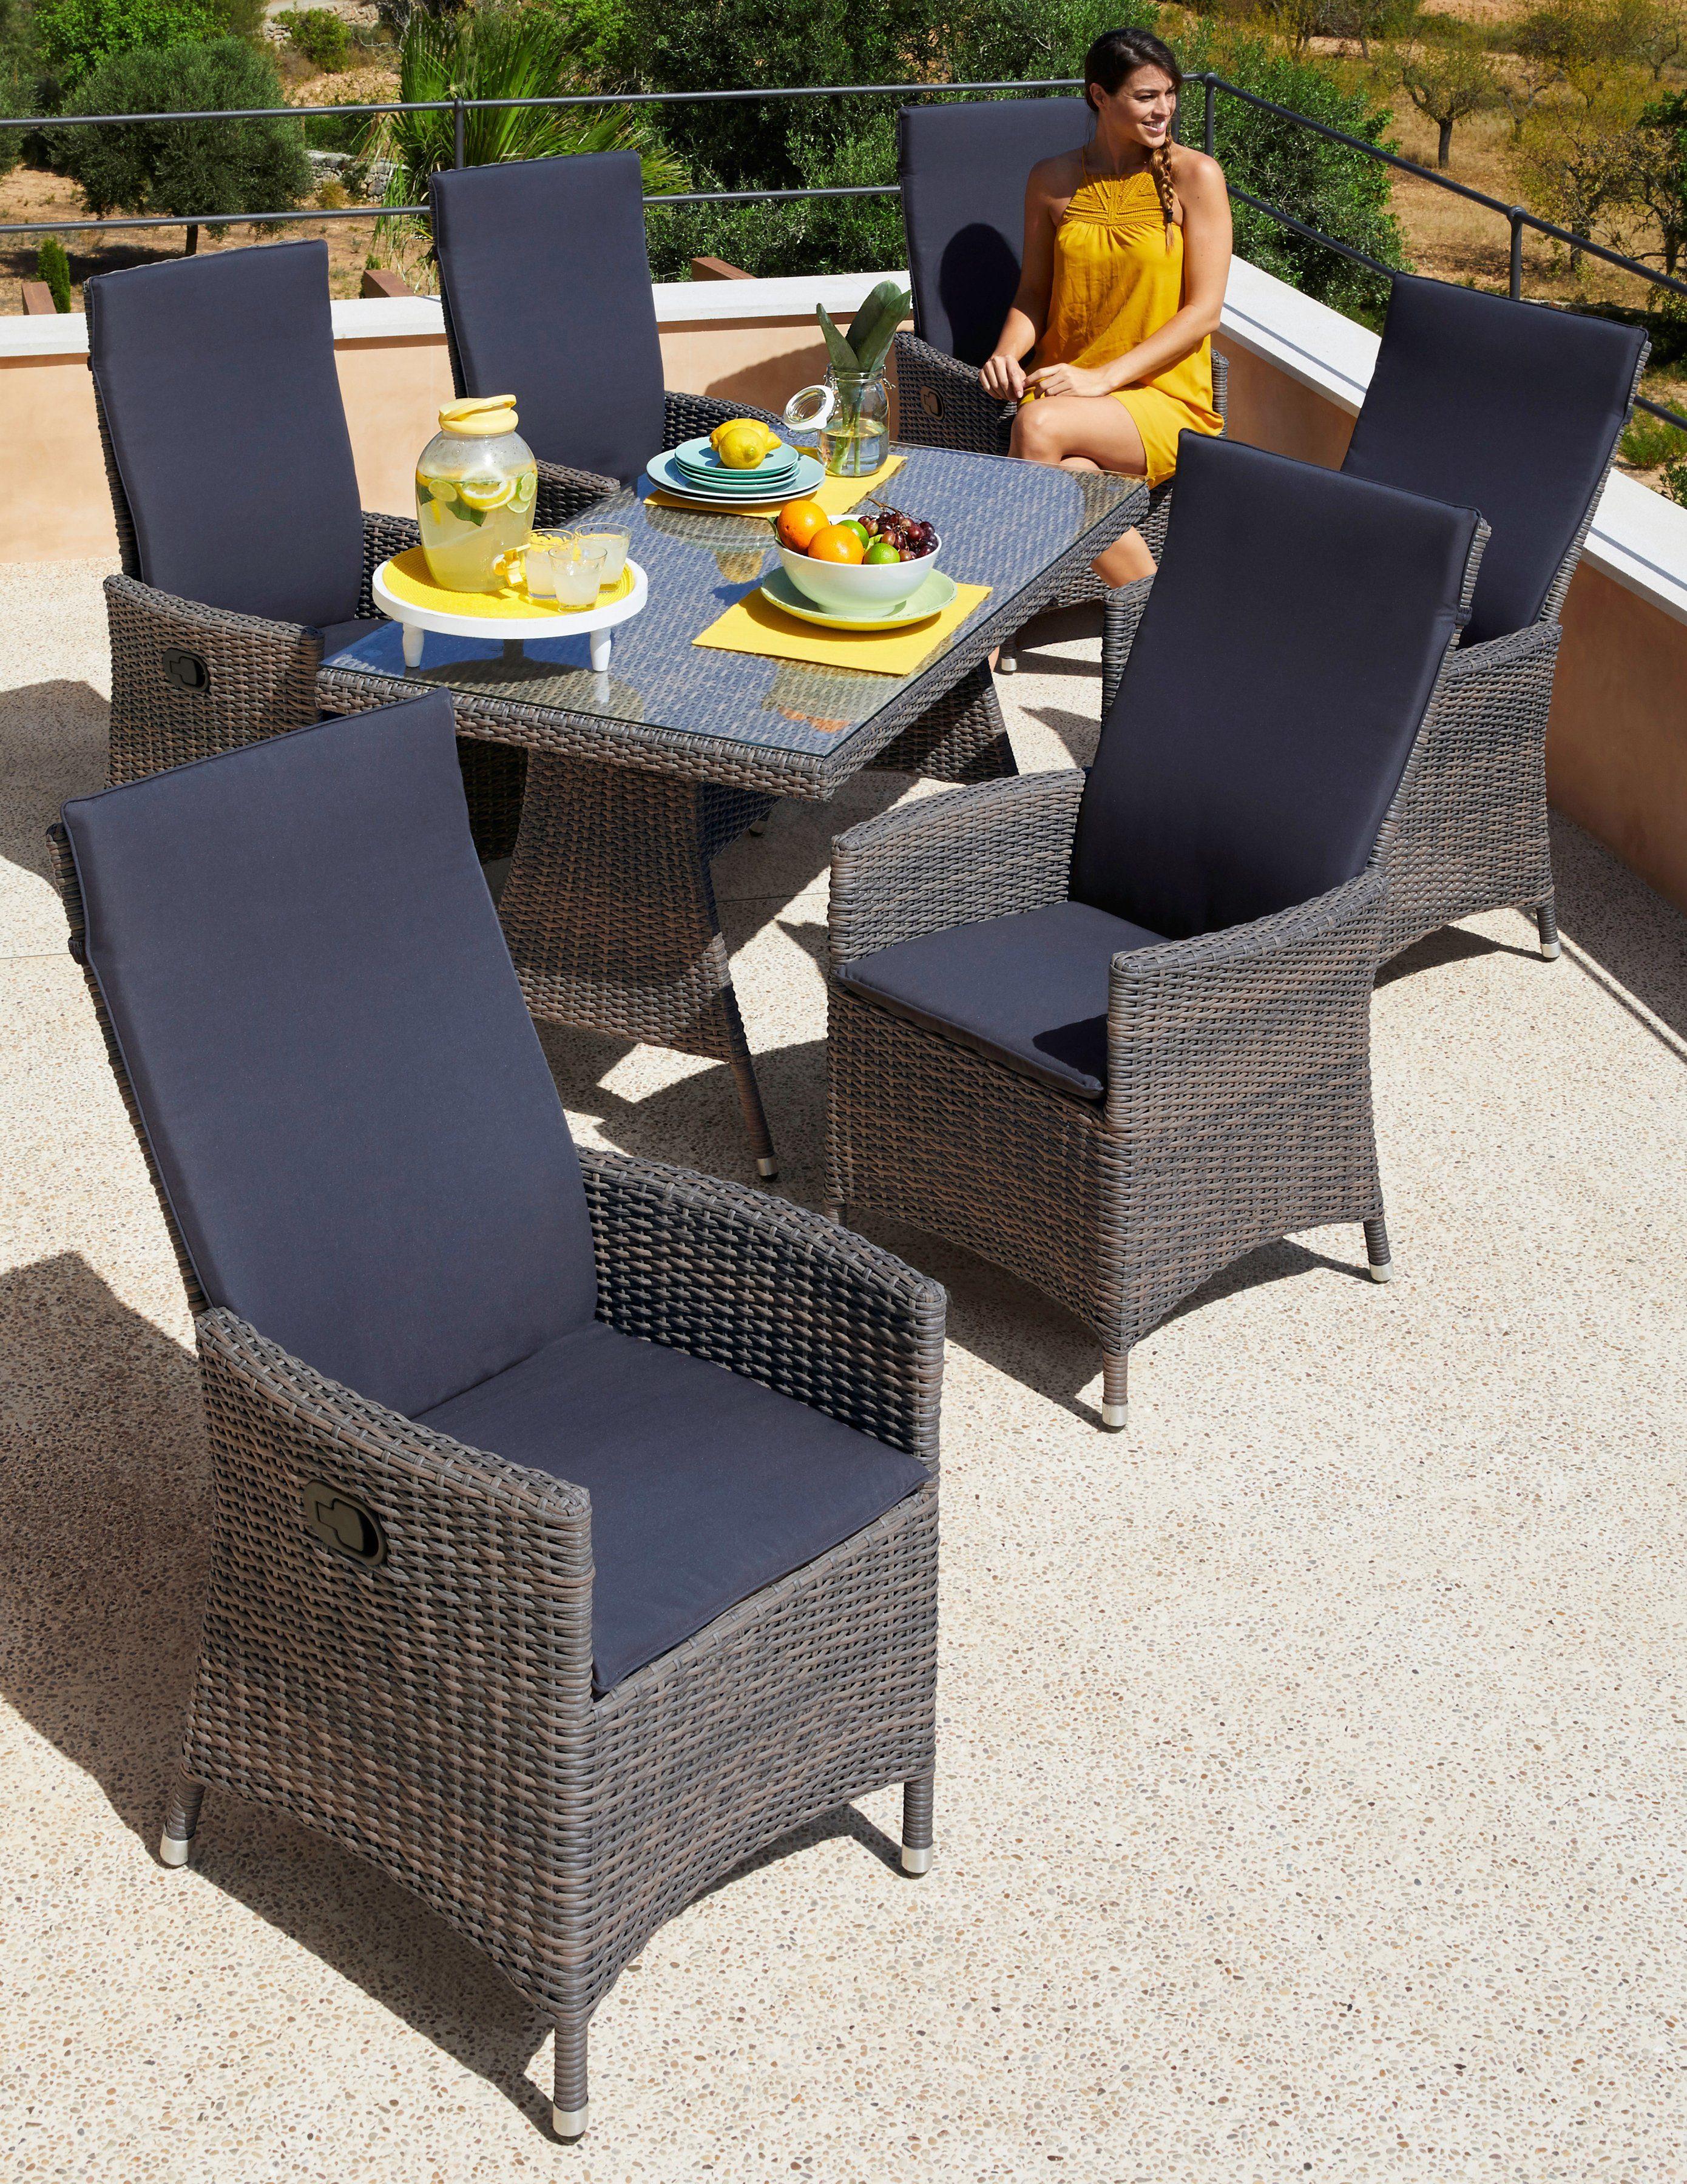 Gartenmöbelset »Ravello«, 13-tlg., 6 Sessel, Tisch 150x80 cm, Polyrattan, grau-beige